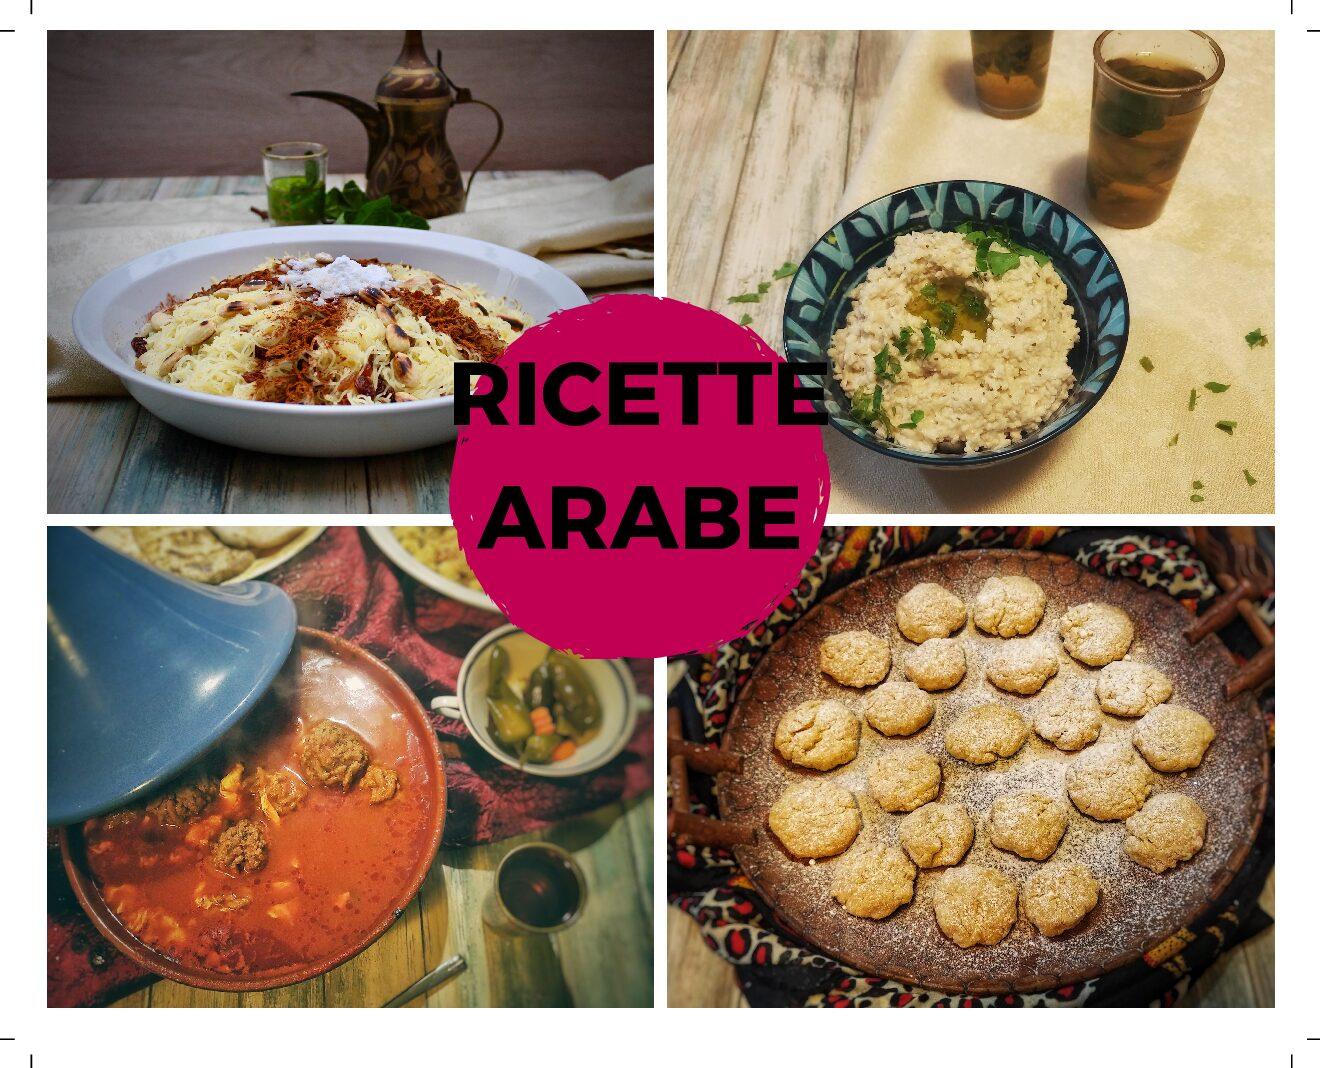 Ricette arabe